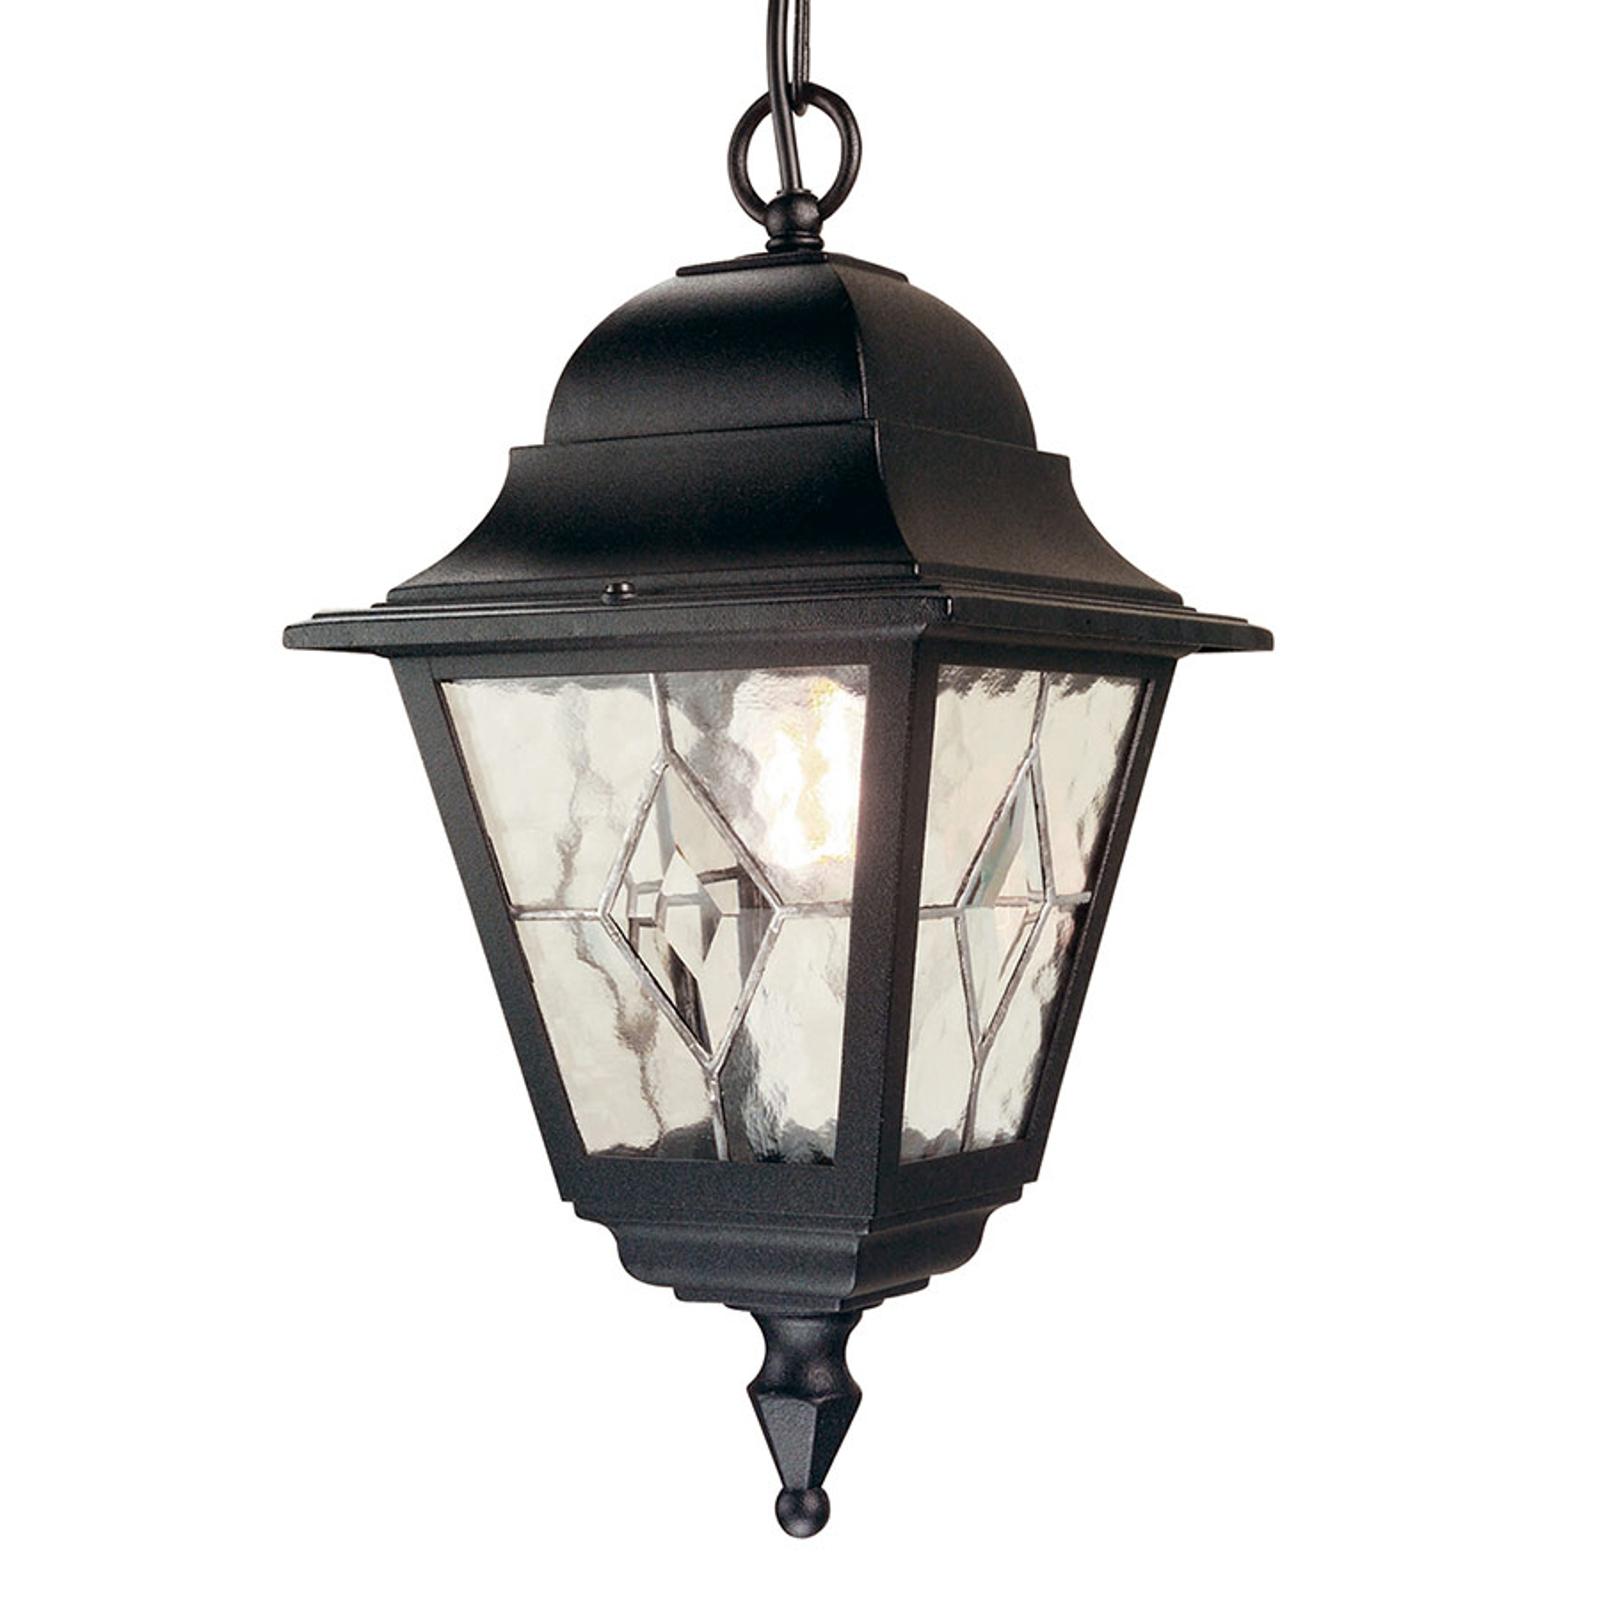 Lampa wisząca zewnętrzna Norfolk NR9